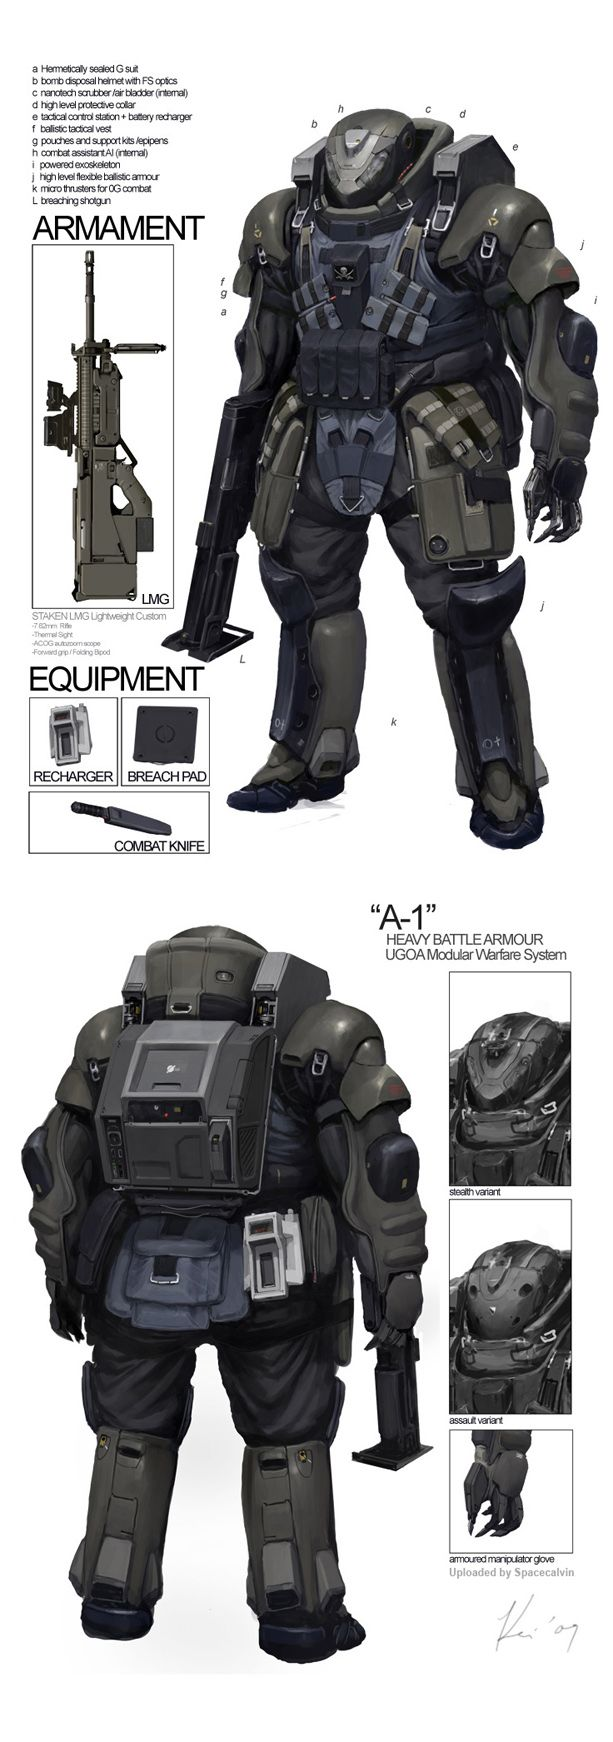 busca el tutorial.... del fusil adaptalo para lanzar los dardos...Space_Vagabonds Assaulter by Ukitakumuki